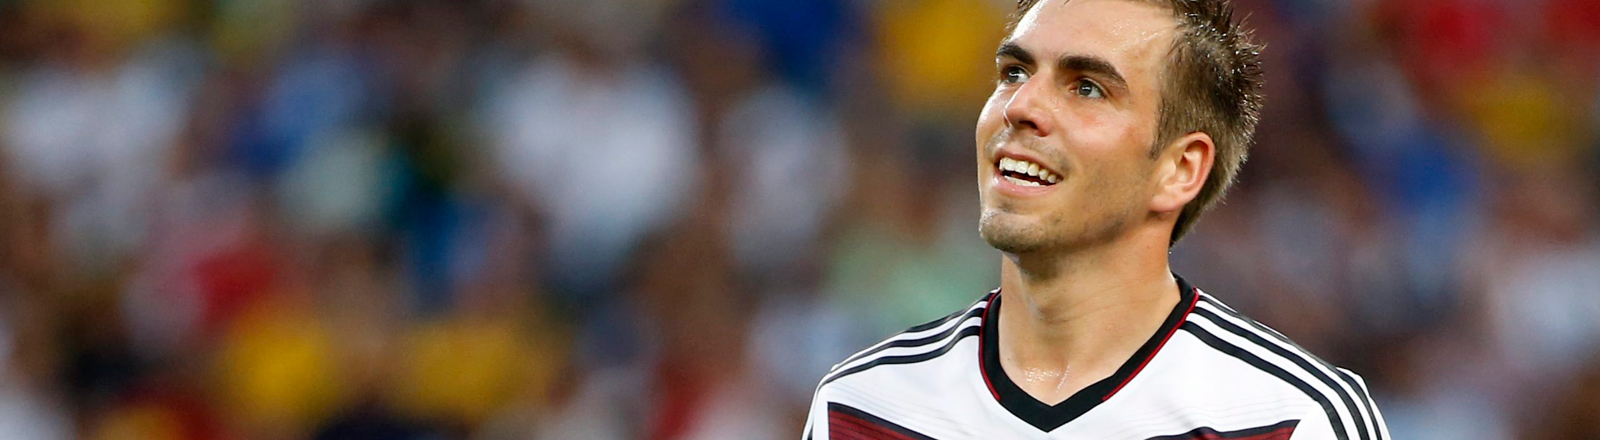 Philipp Lahm im Stadion, im Hintergrund ist unscharf das Publikum zu erkennen, Lahm lacht und blickt in die Luft; Szene aus dem WM-Finale 2014; Bild: dpa